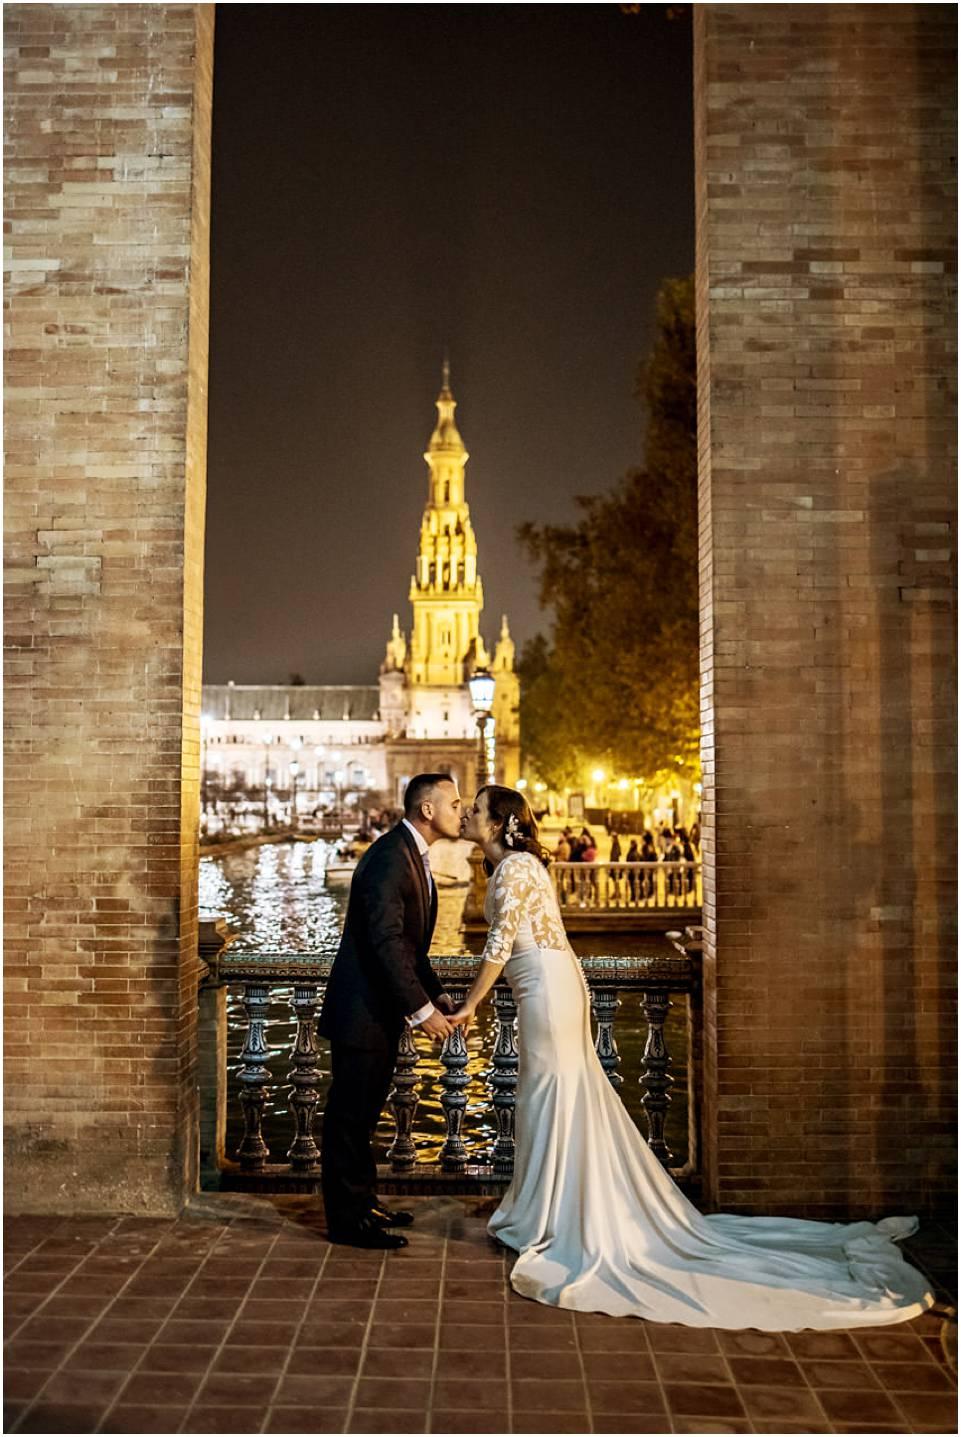 fotos postboda en Sevilla, fotógrafo de bodas